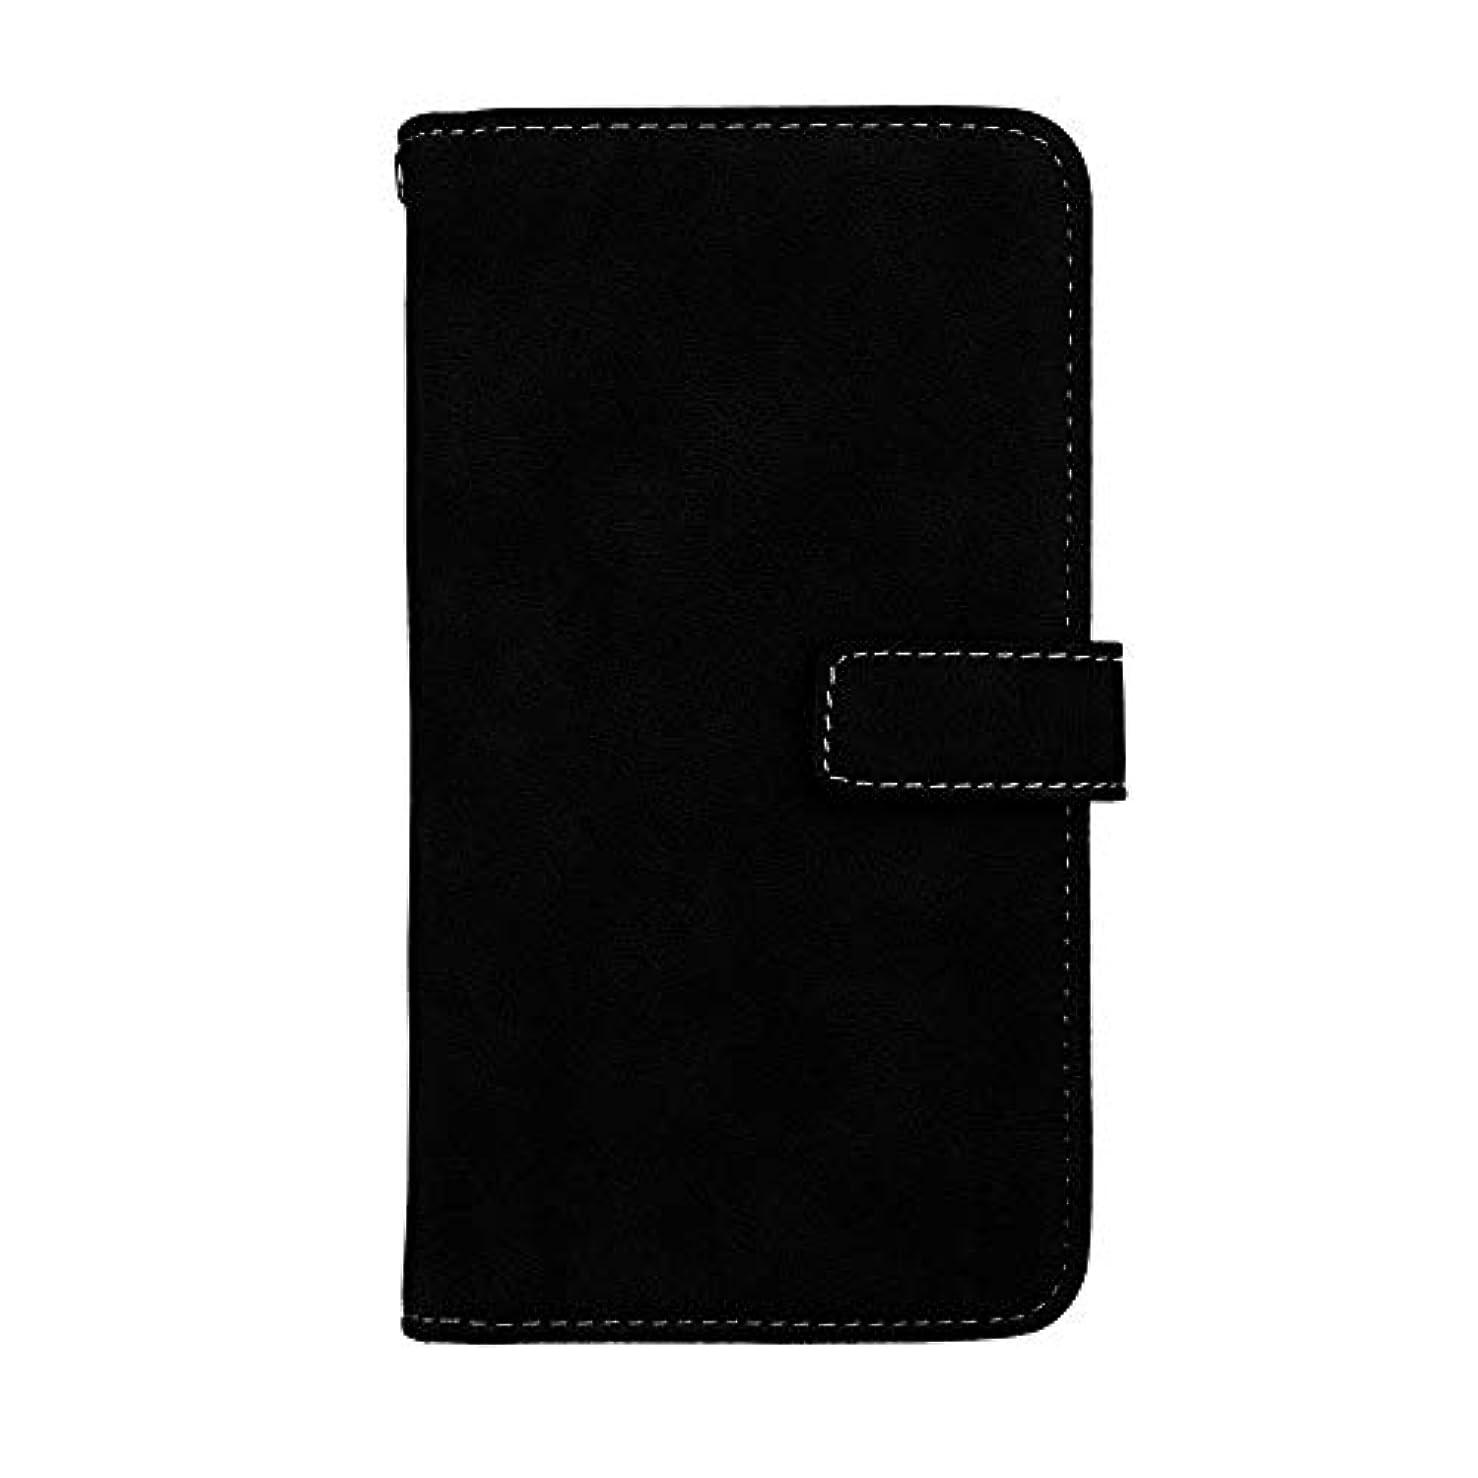 純粋なチラチラするちらつきXiaomi Redmi Note 4X 高品質 マグネット ケース, CUNUS 携帯電話 ケース 軽量 柔軟 高品質 耐摩擦 カード収納 カバー Xiaomi Redmi Note 4X 用, ブラック